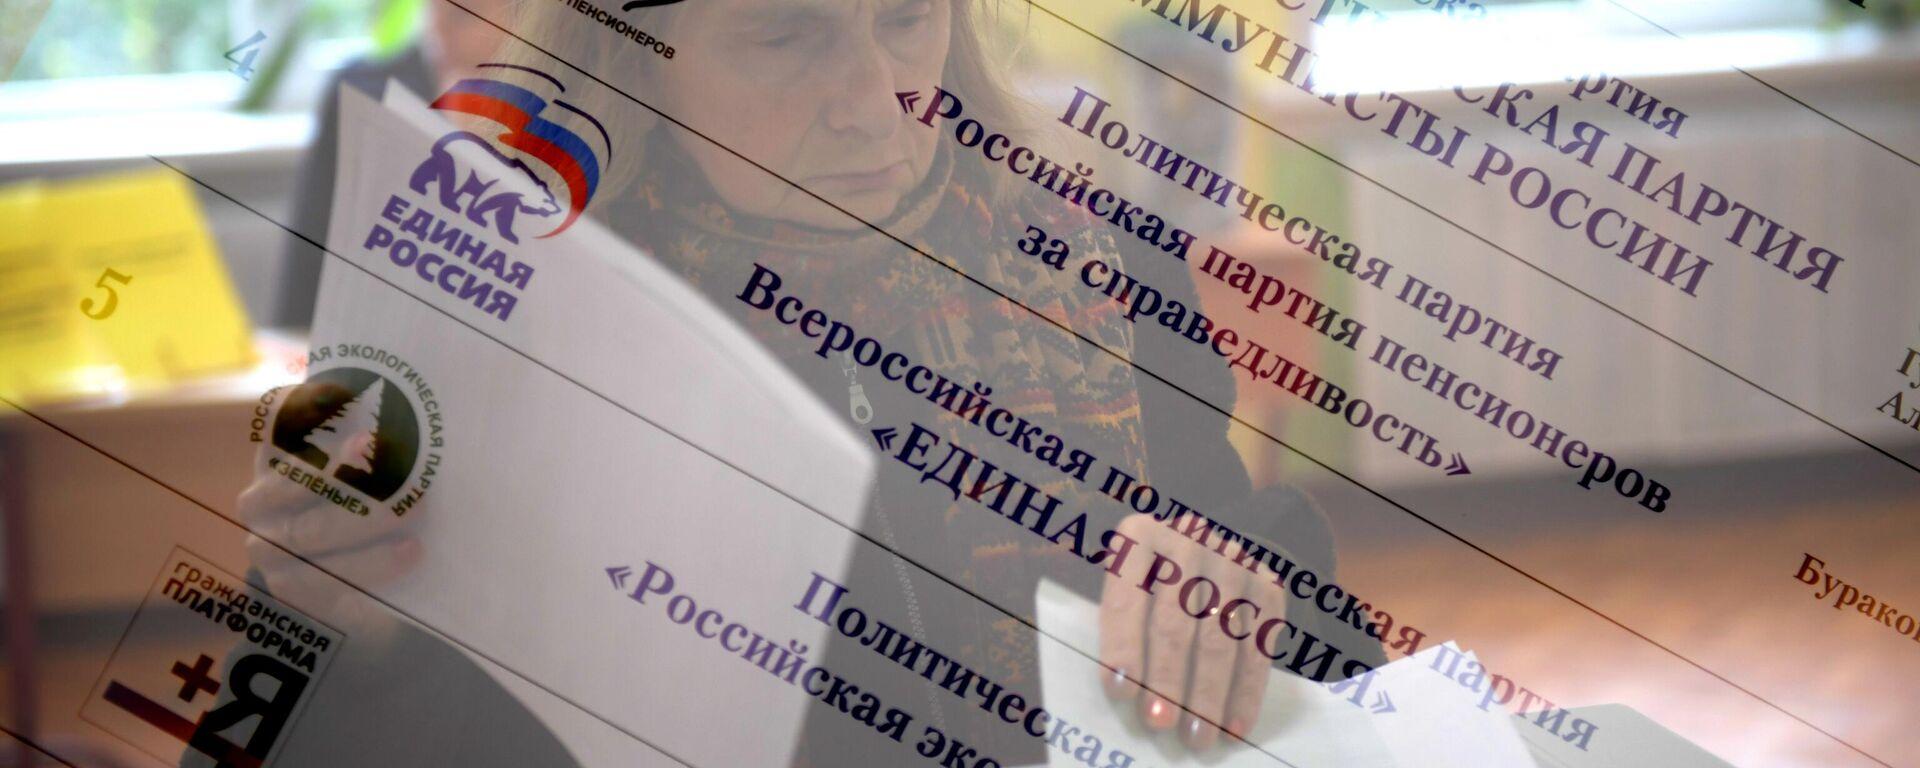 Житель Москвы в единый день голосования на избирательном участке № 90. - Sputnik Узбекистан, 1920, 15.09.2021